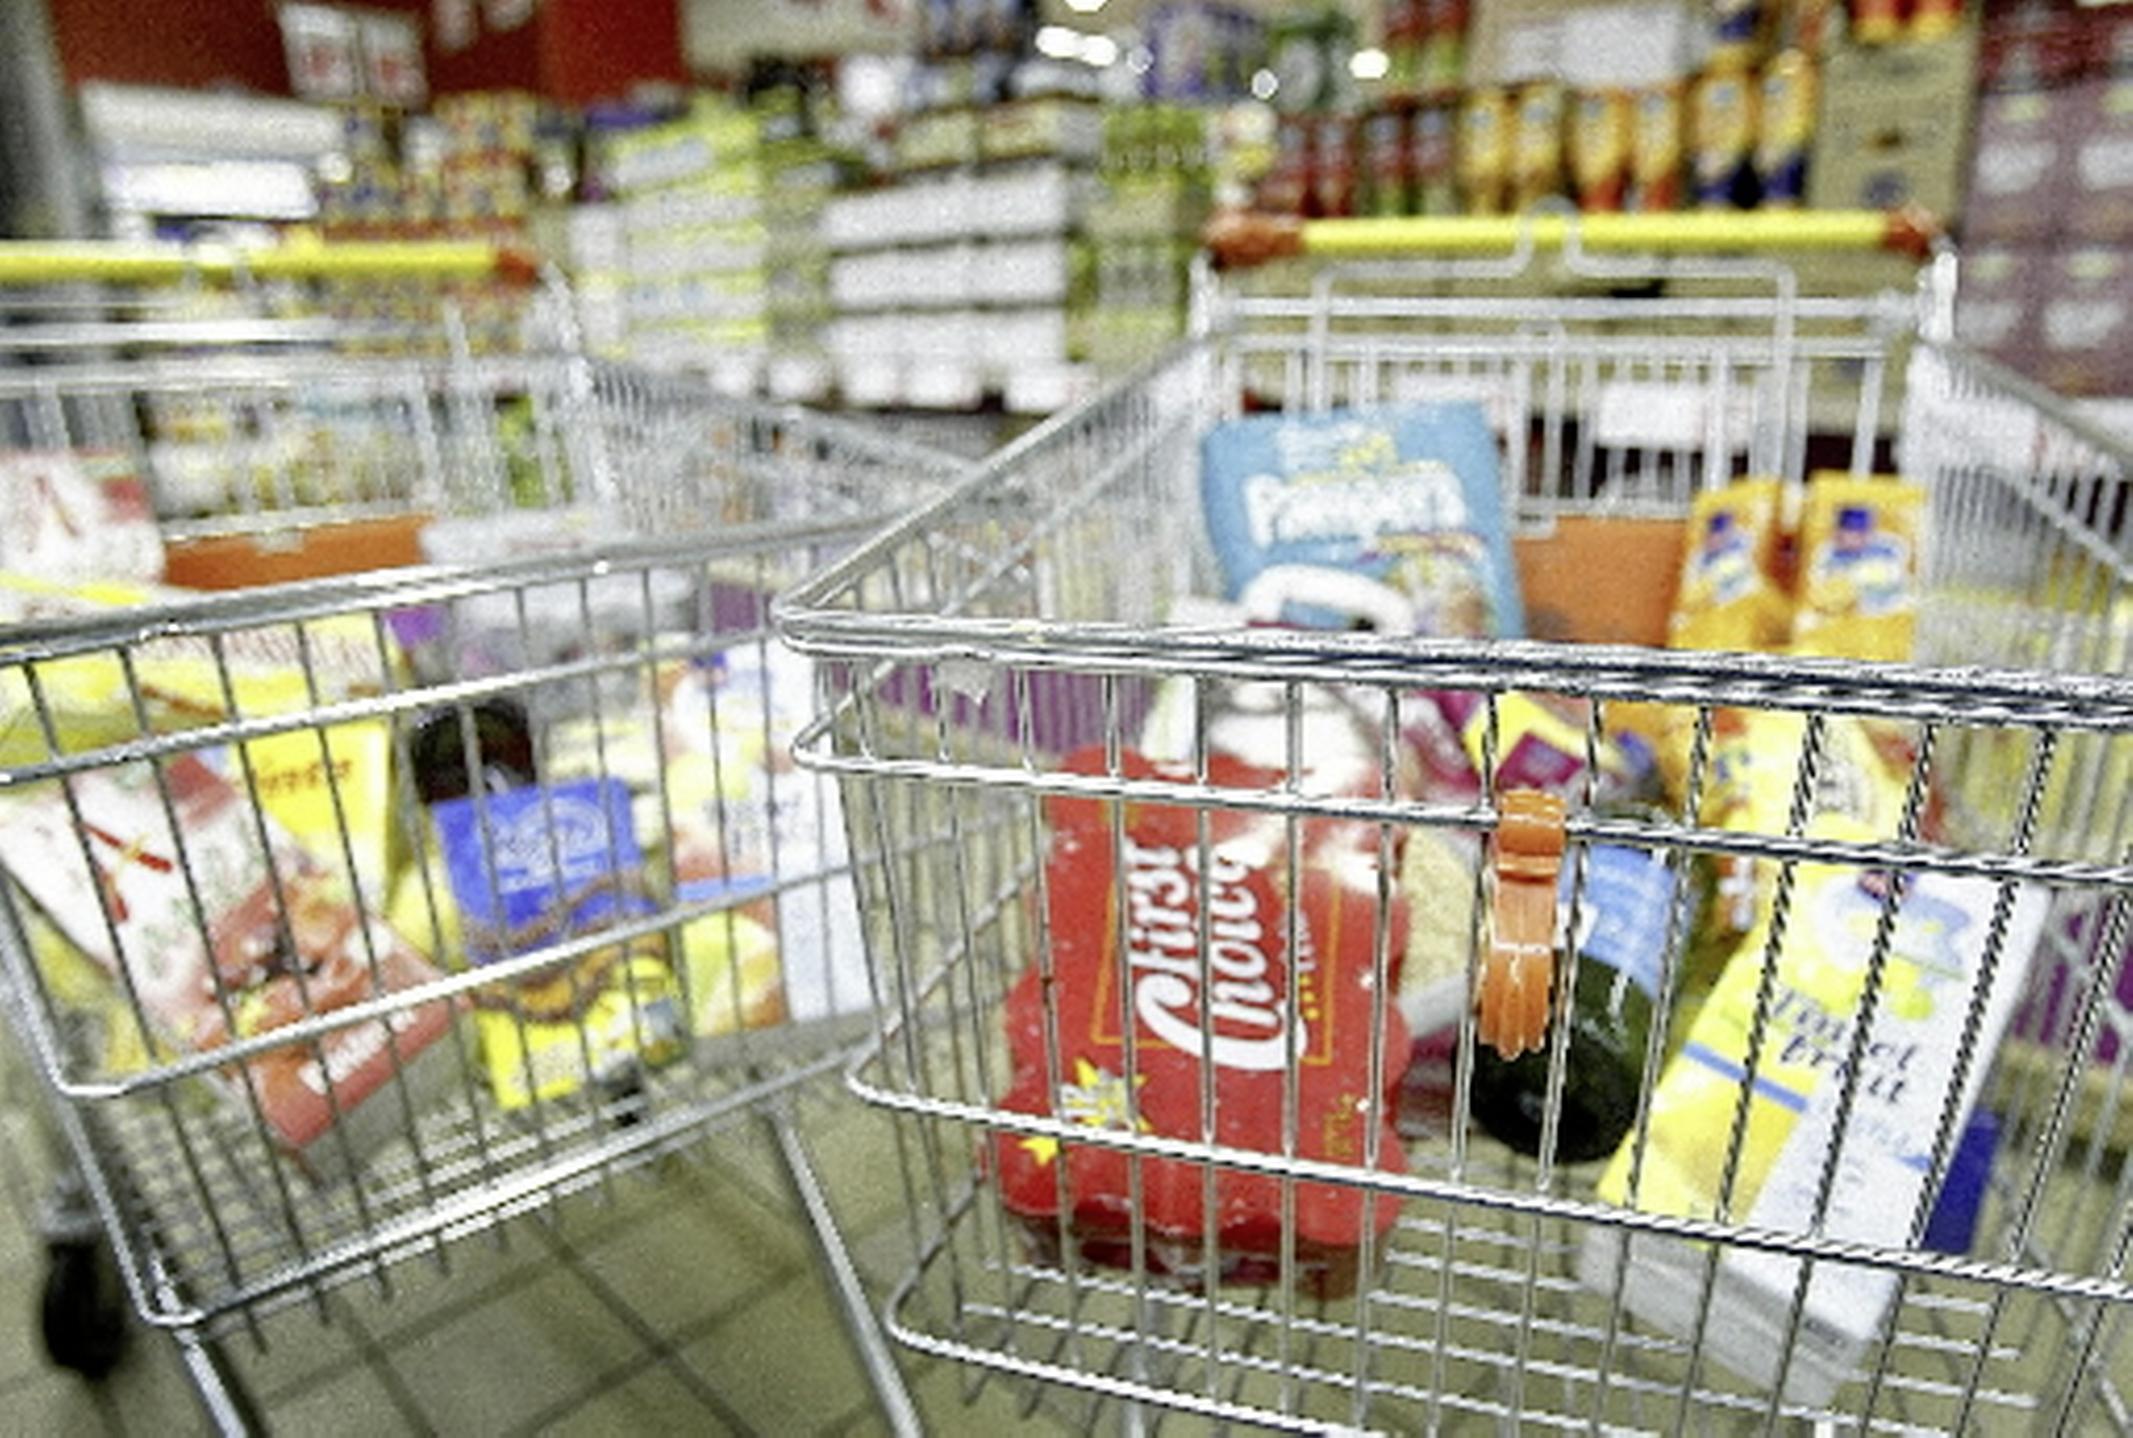 Boodschappen cadeau bij een uitkering: in Purmerend en Beemster geen strafkorting meer als het minder dan 1200 euro per jaar is